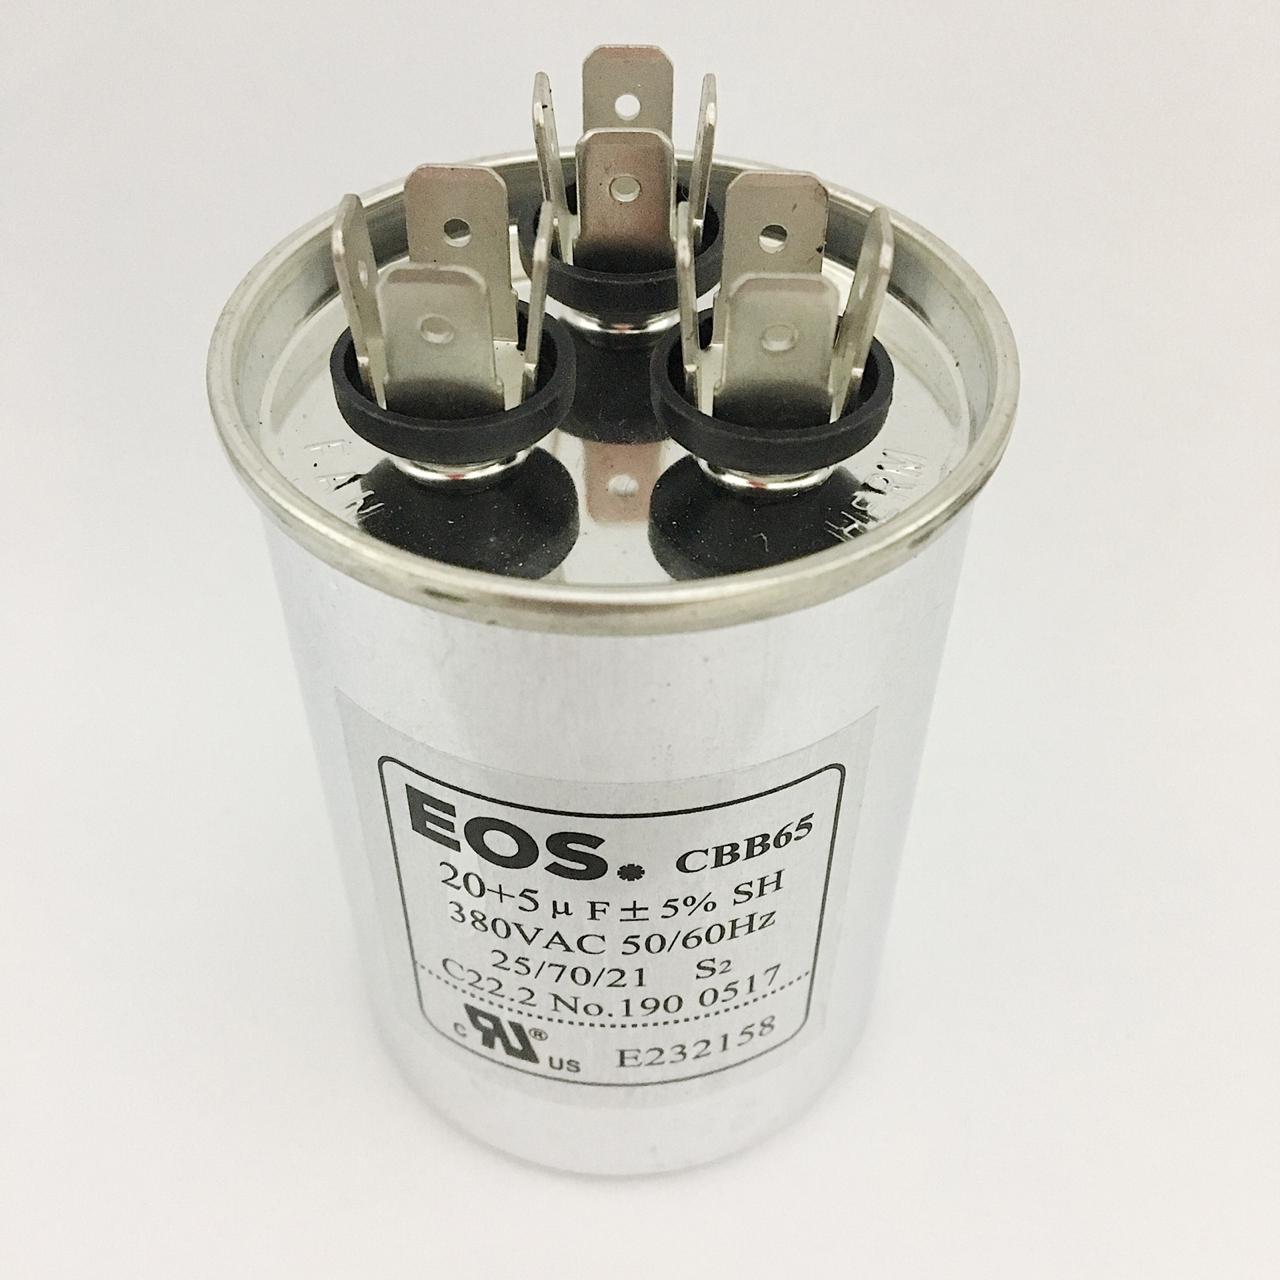 Capacitor 20+5 MFD 380V 50/60Hz